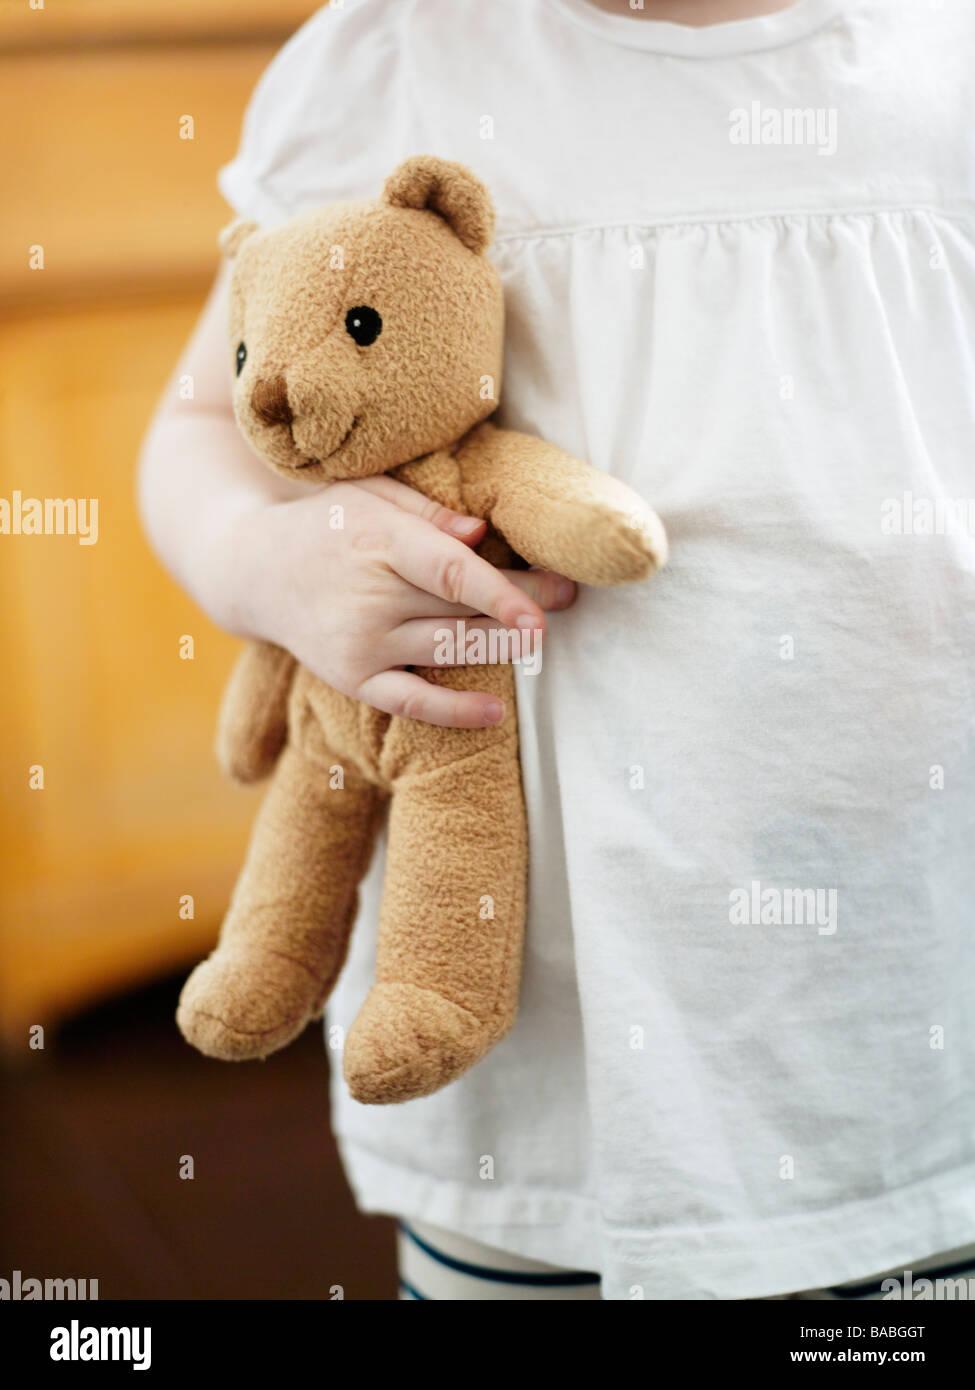 A girl holding a teddybear - Stock Image